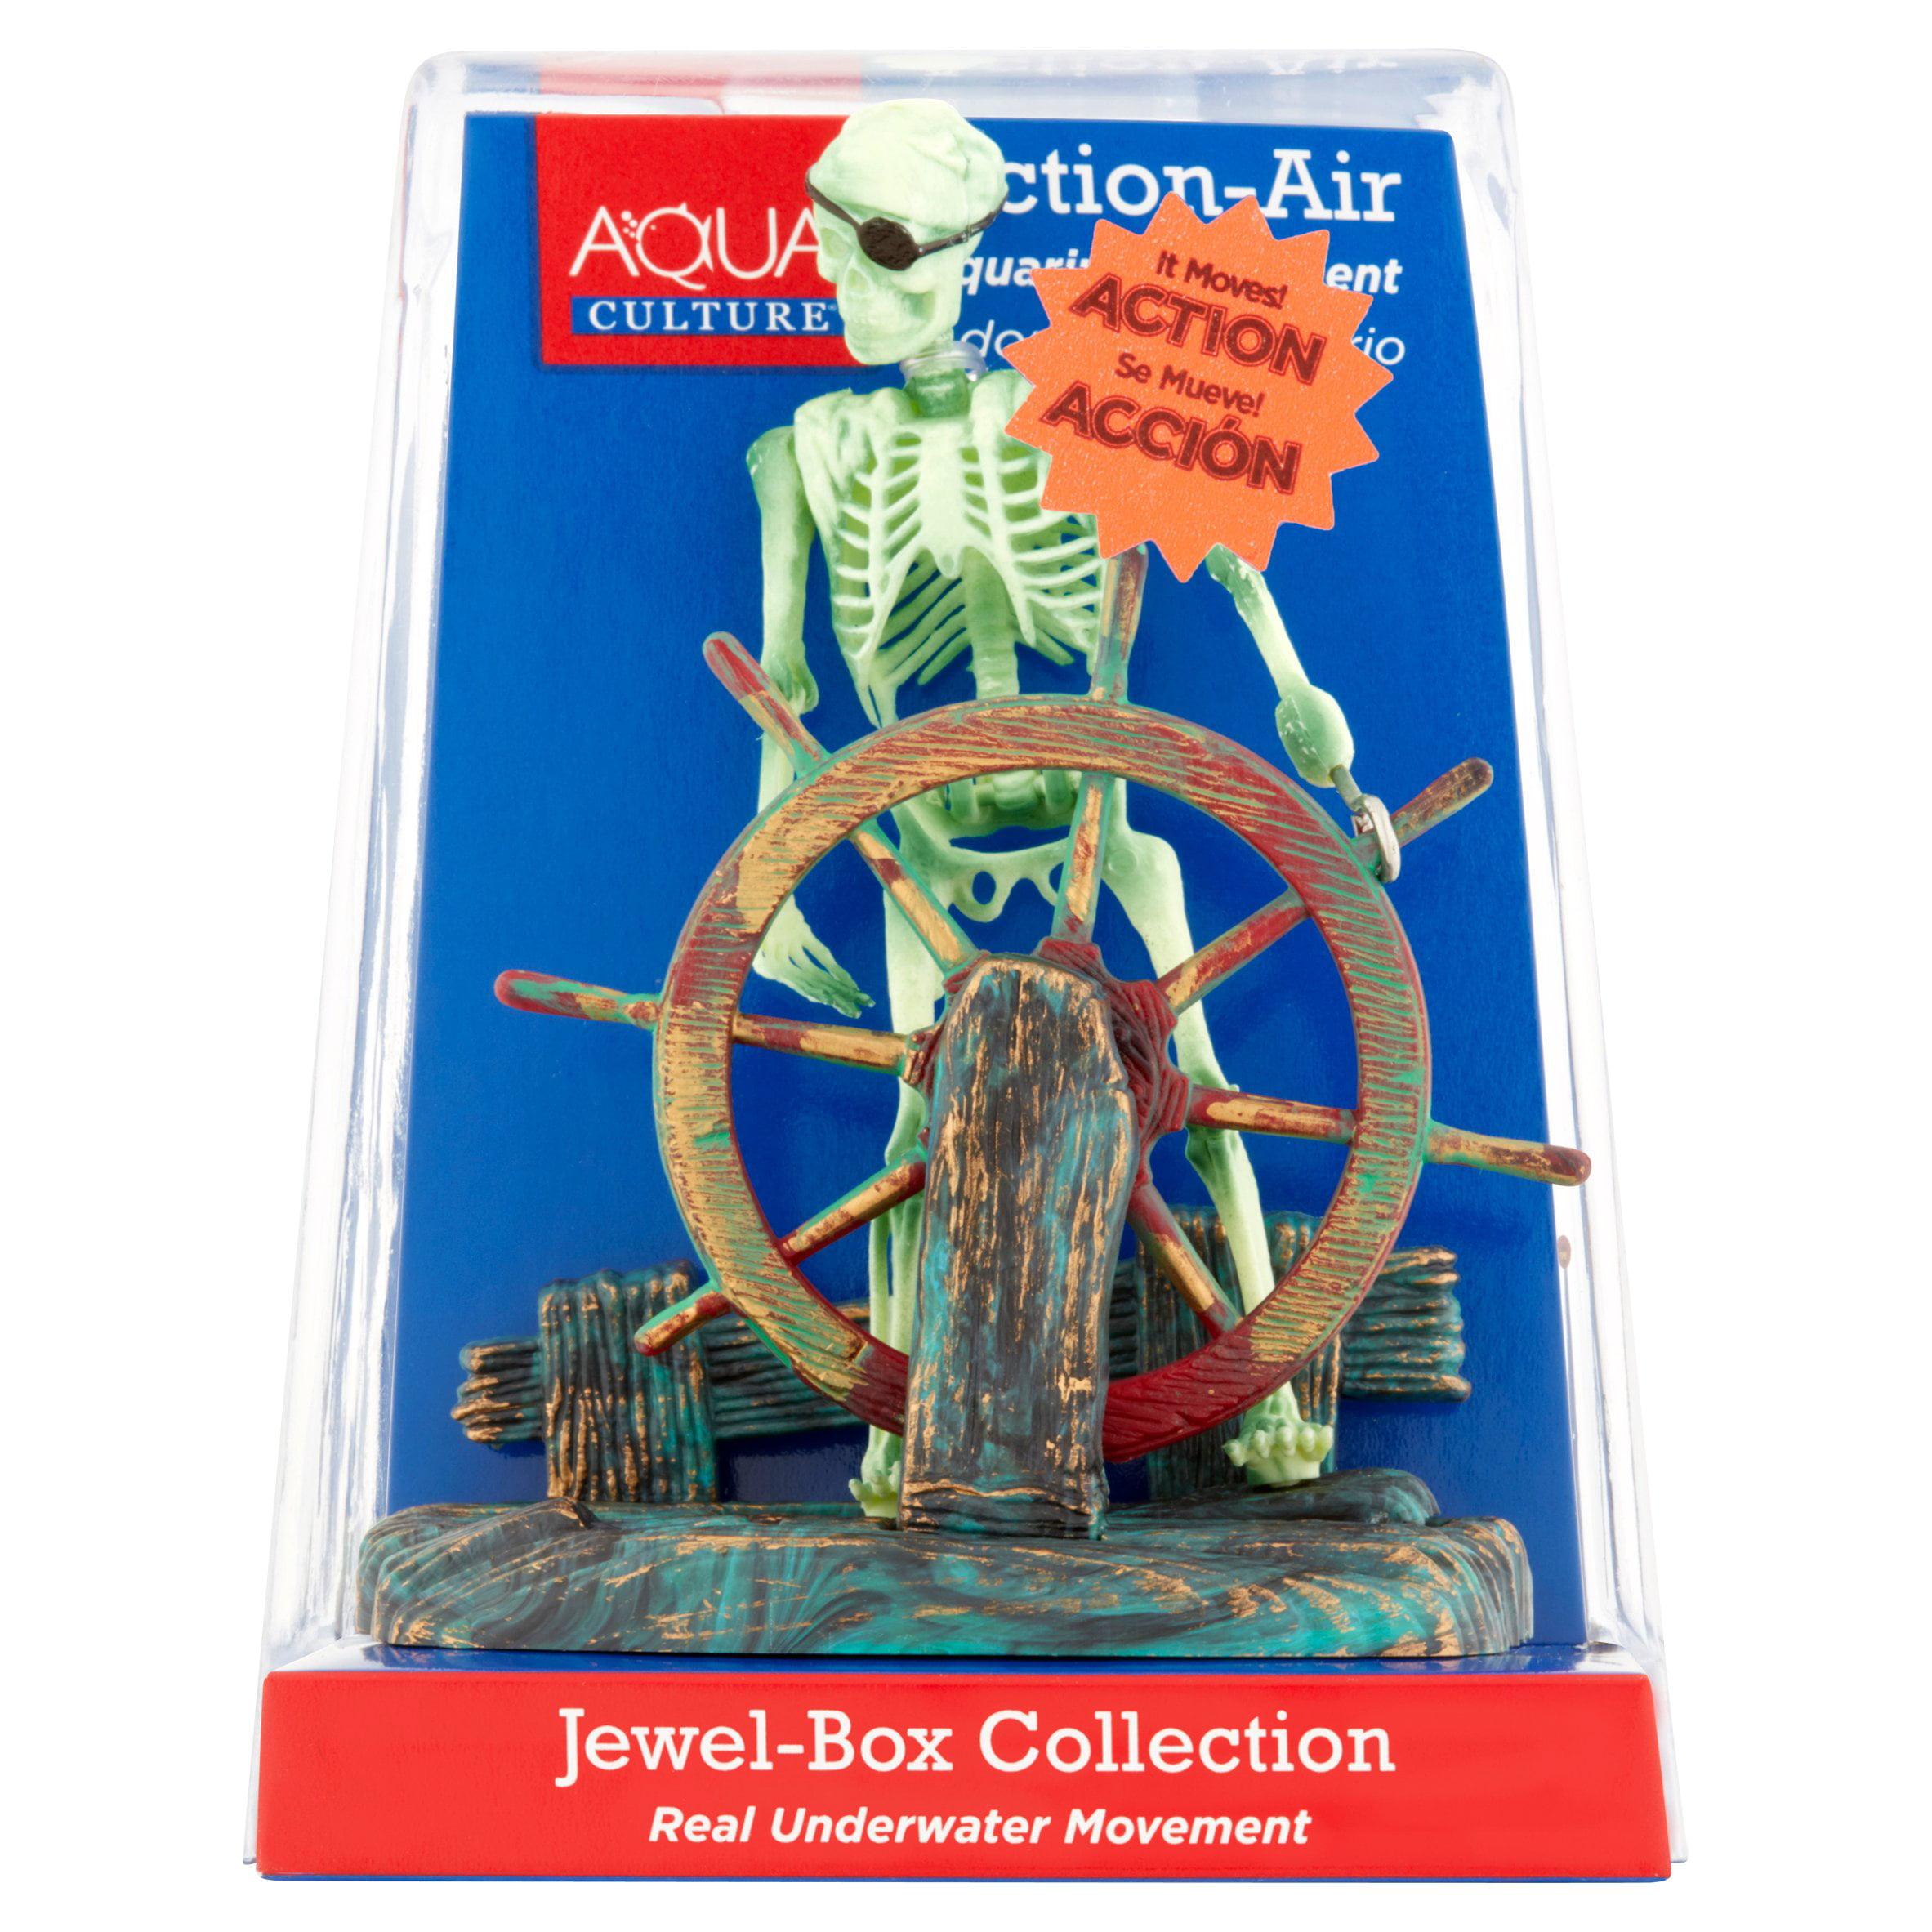 Aqua Culture Jewel-Box Collection Moving Aquarium Ornament by Wal-Mart Stores, Inc.